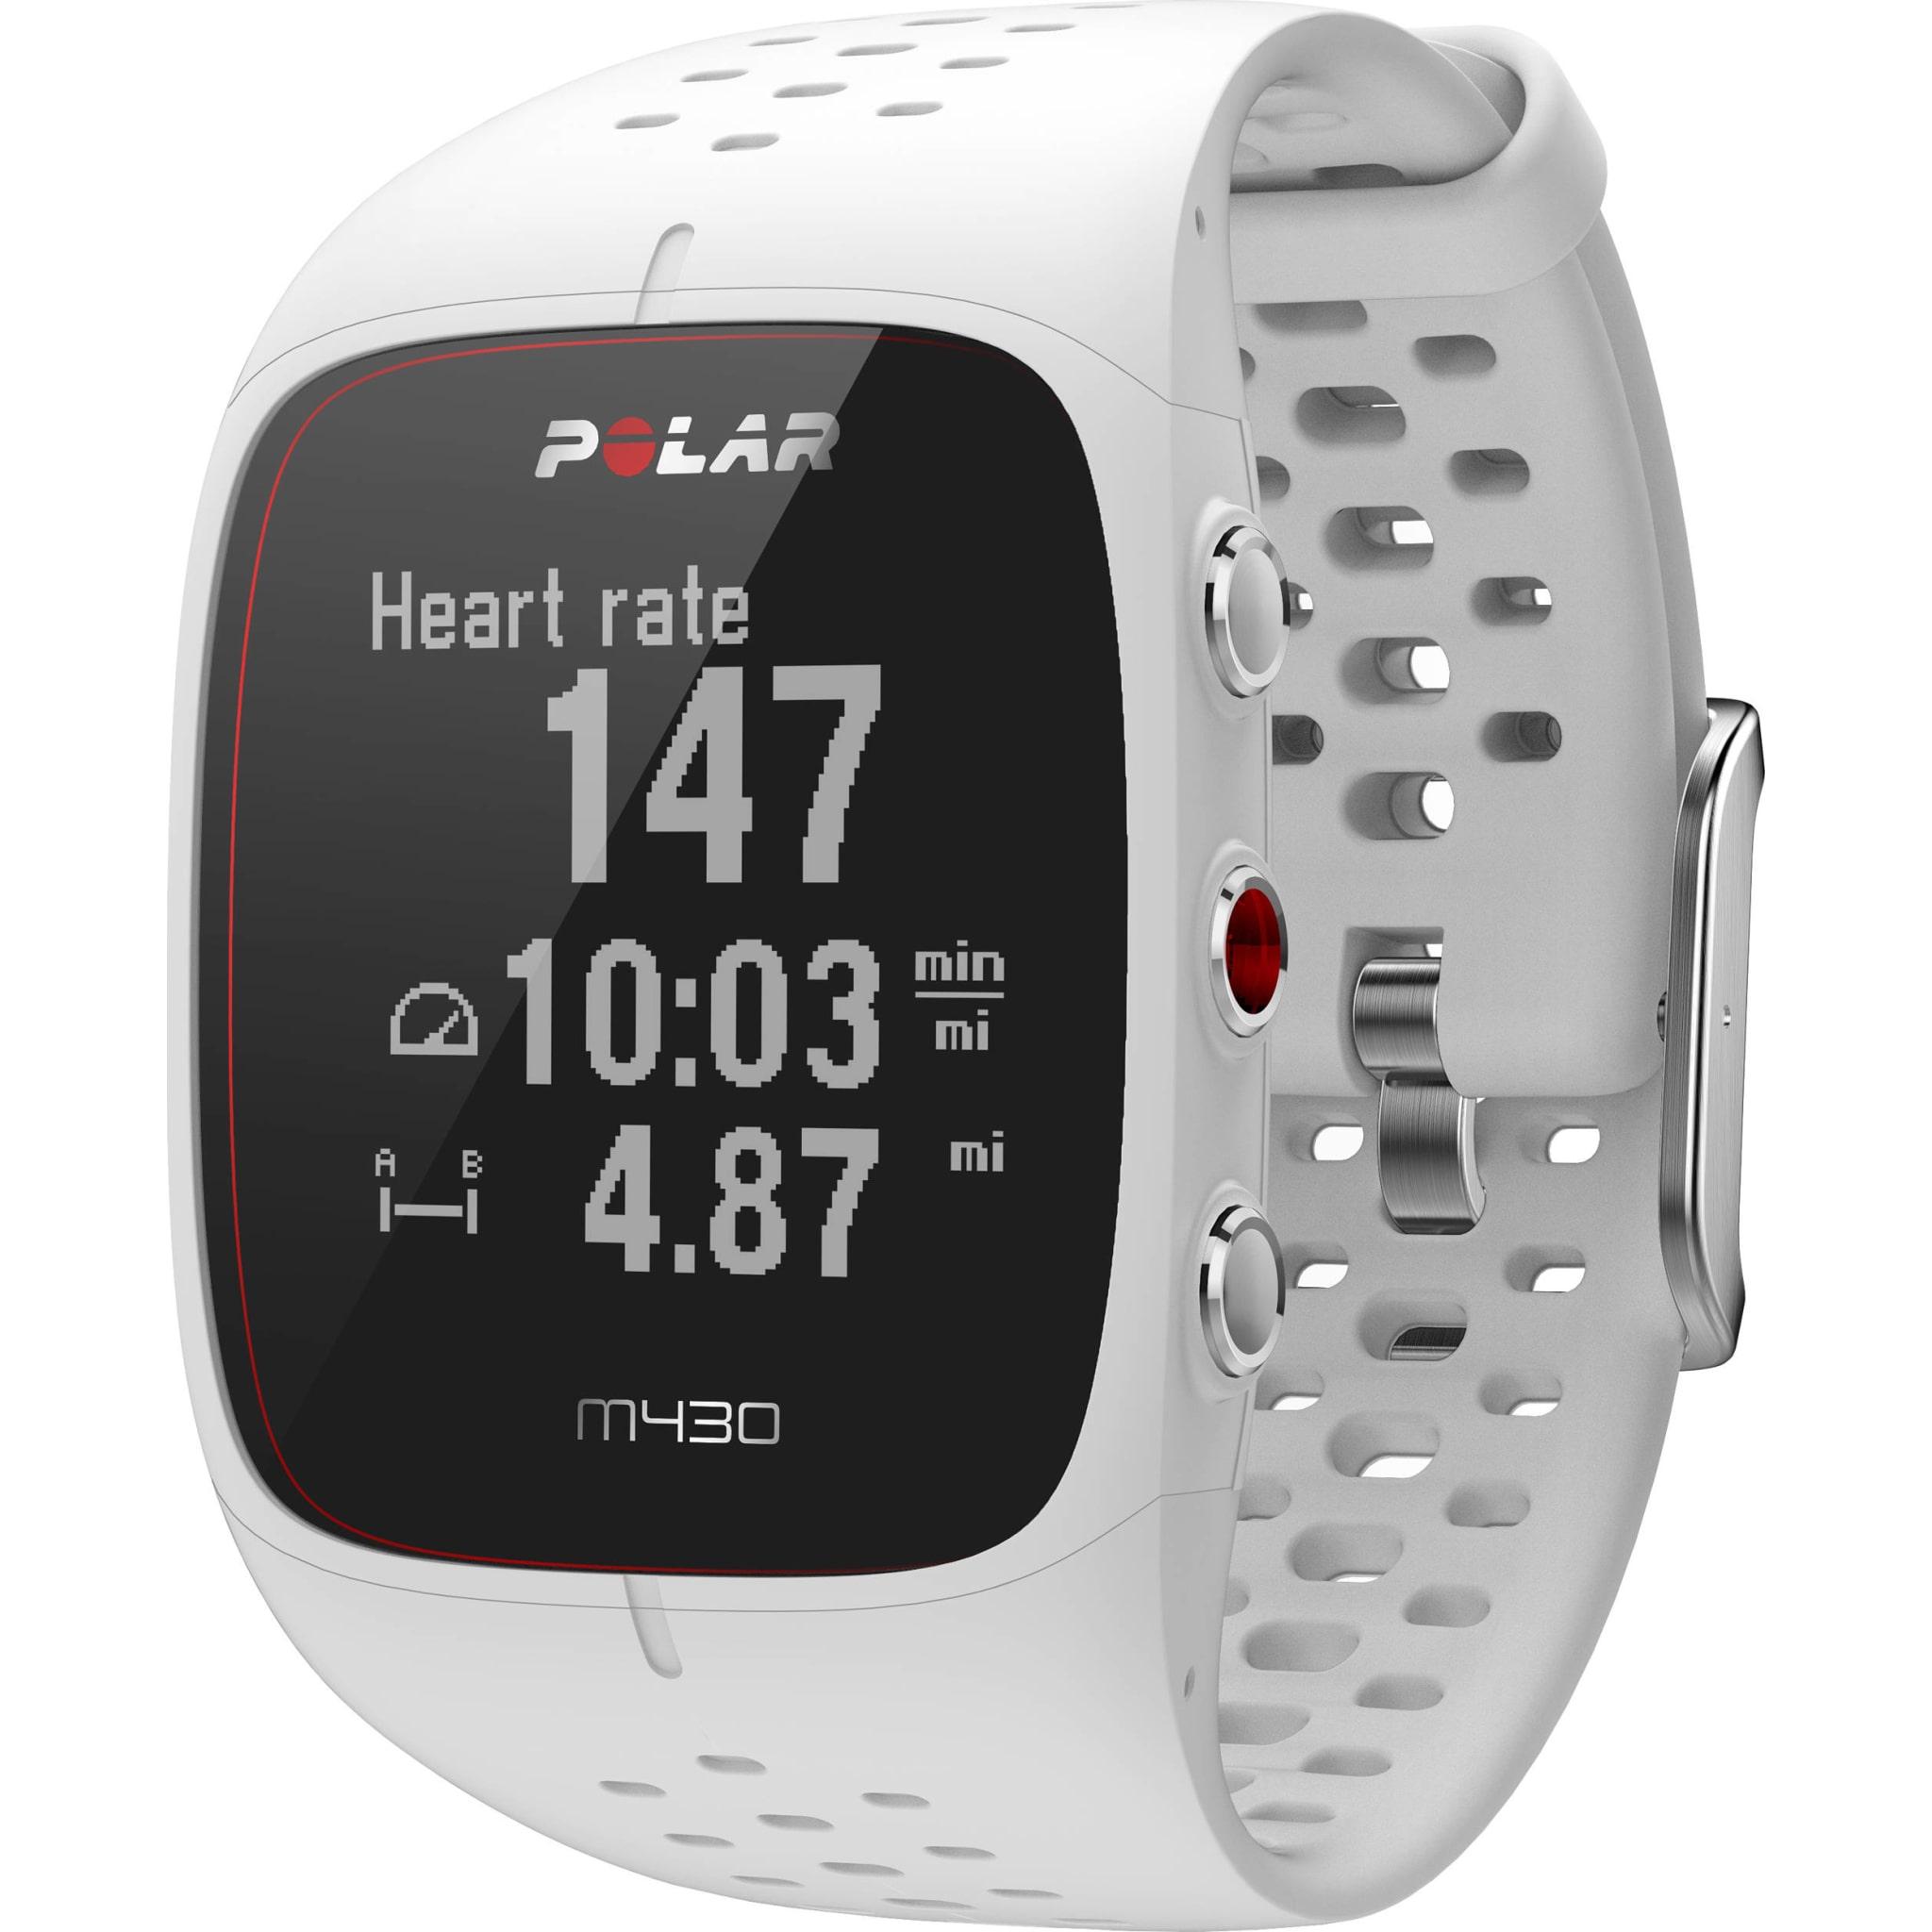 Løpeklokke med pulsmåling på håndleddet og GPS